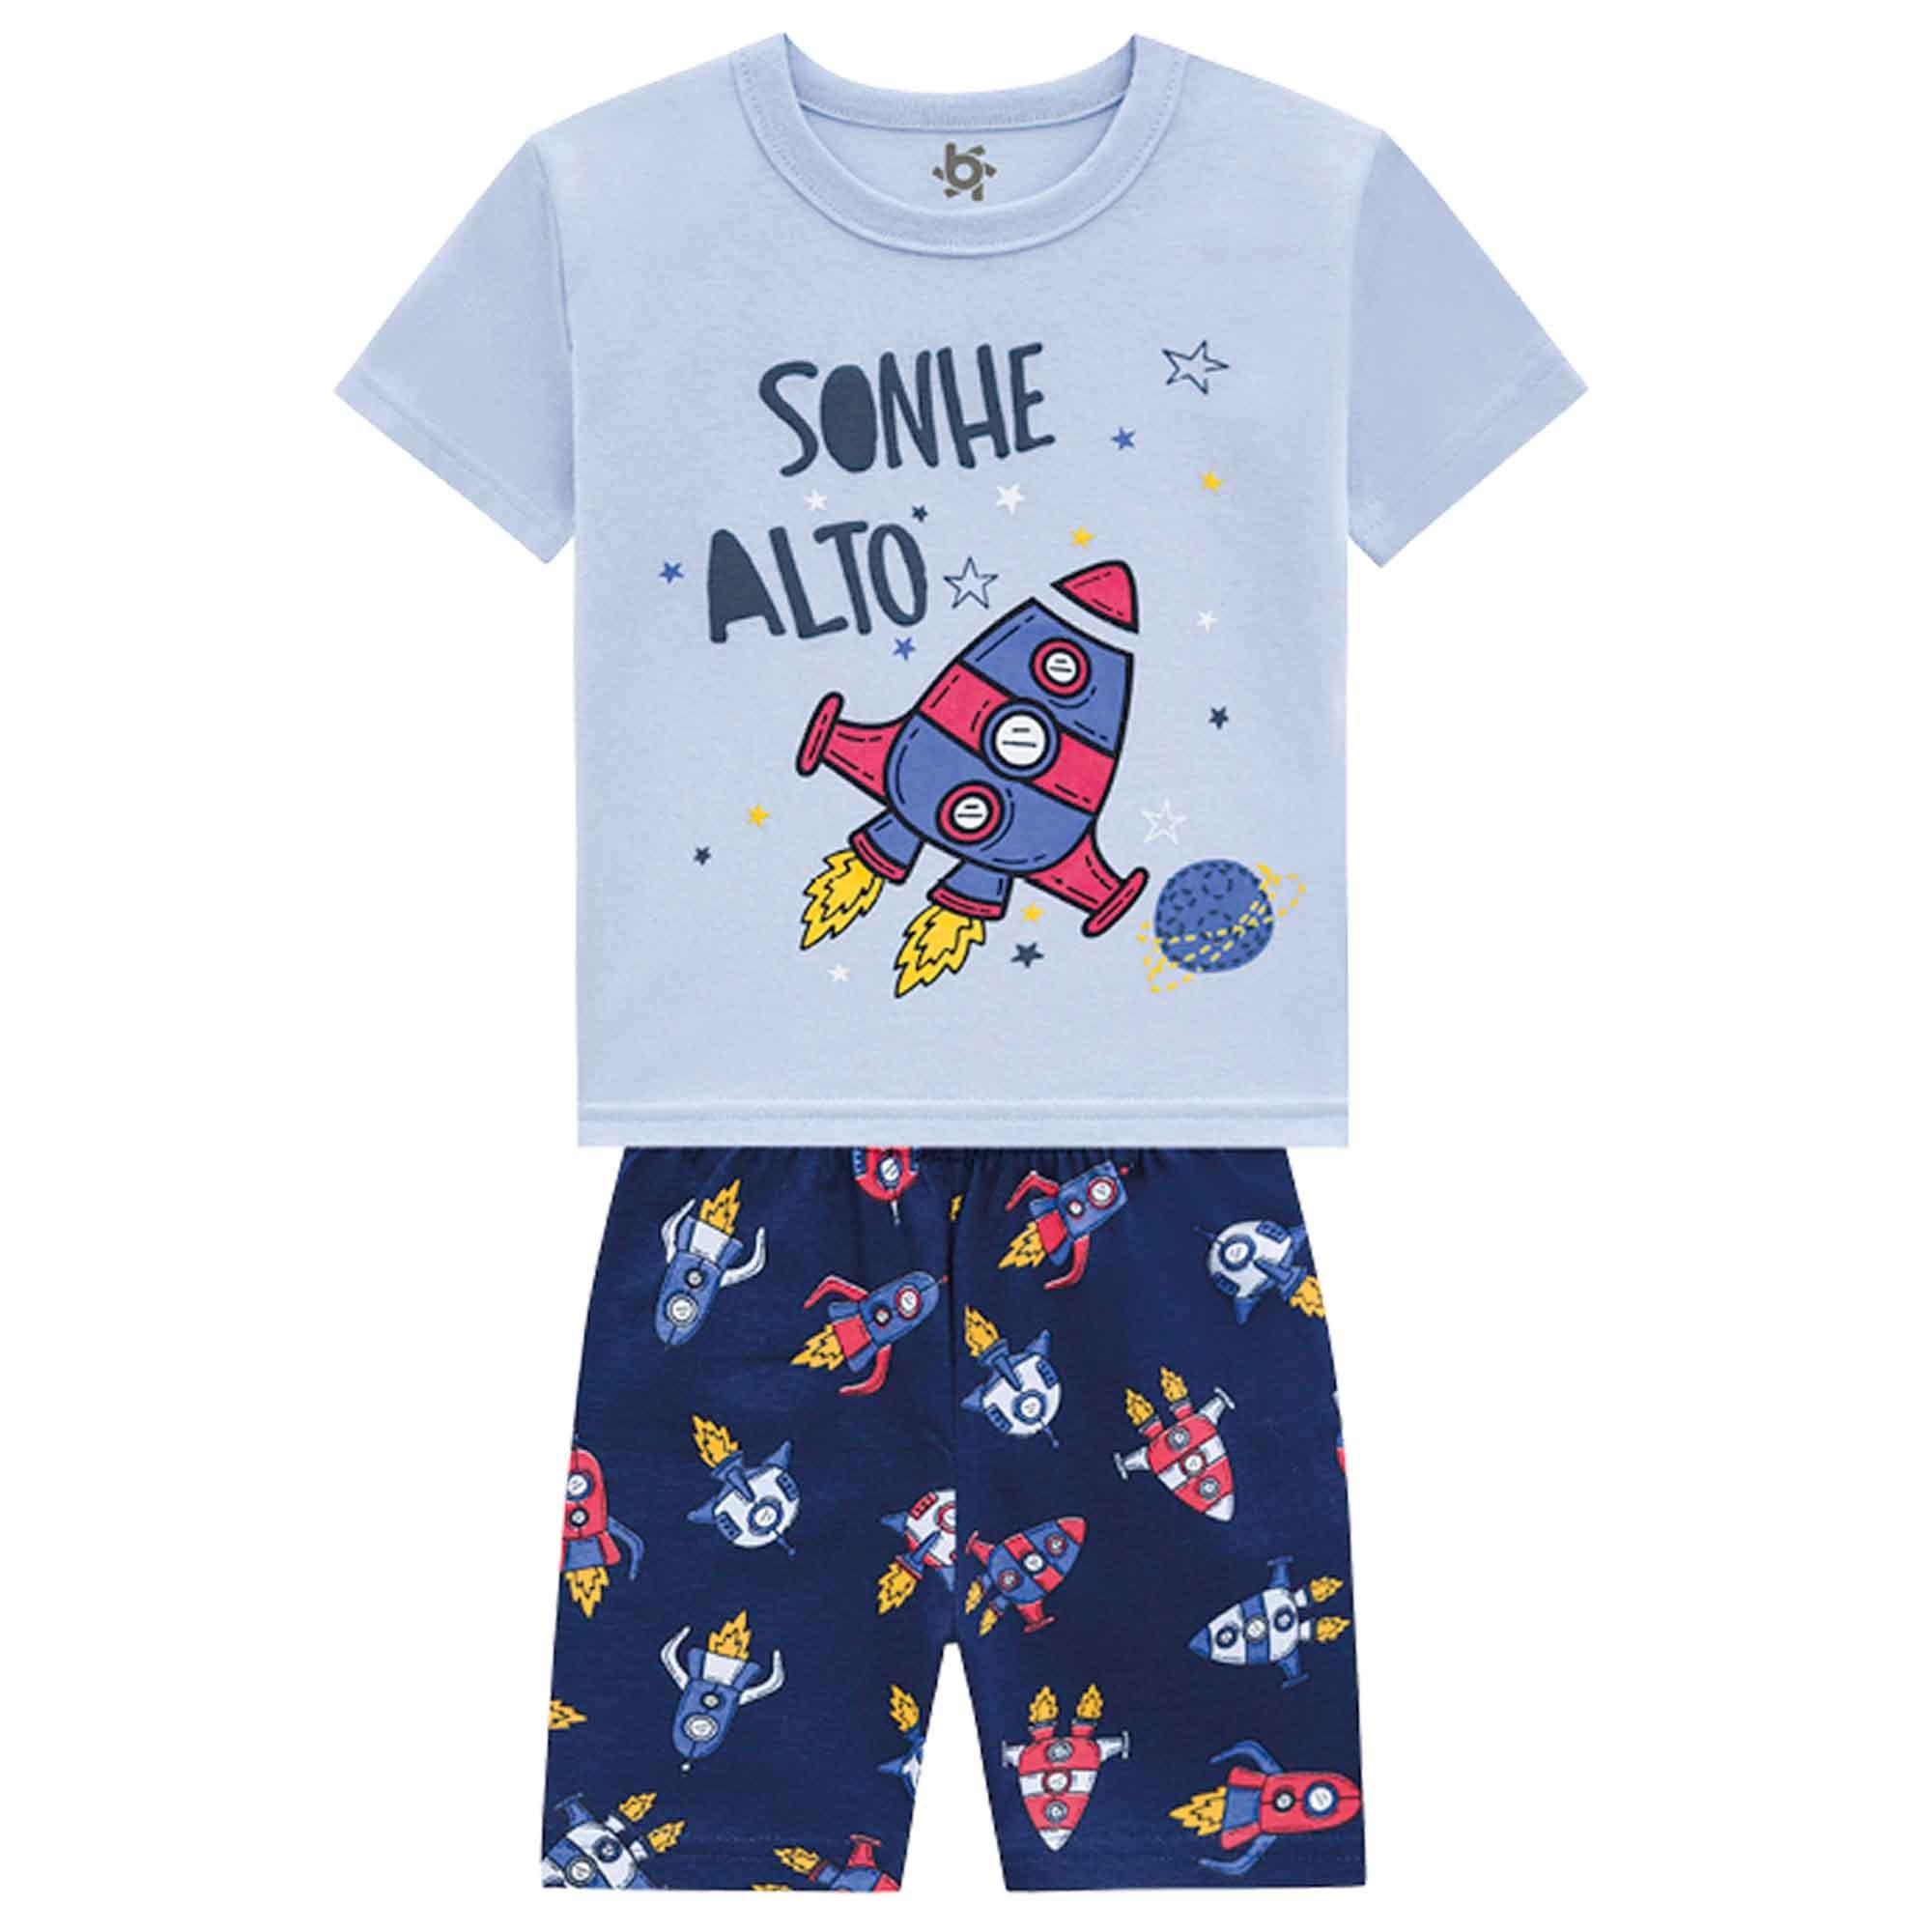 Pijama Verão Brandili Sonhe Alto Foguete - Brilha no Escuro - 1 ao 3